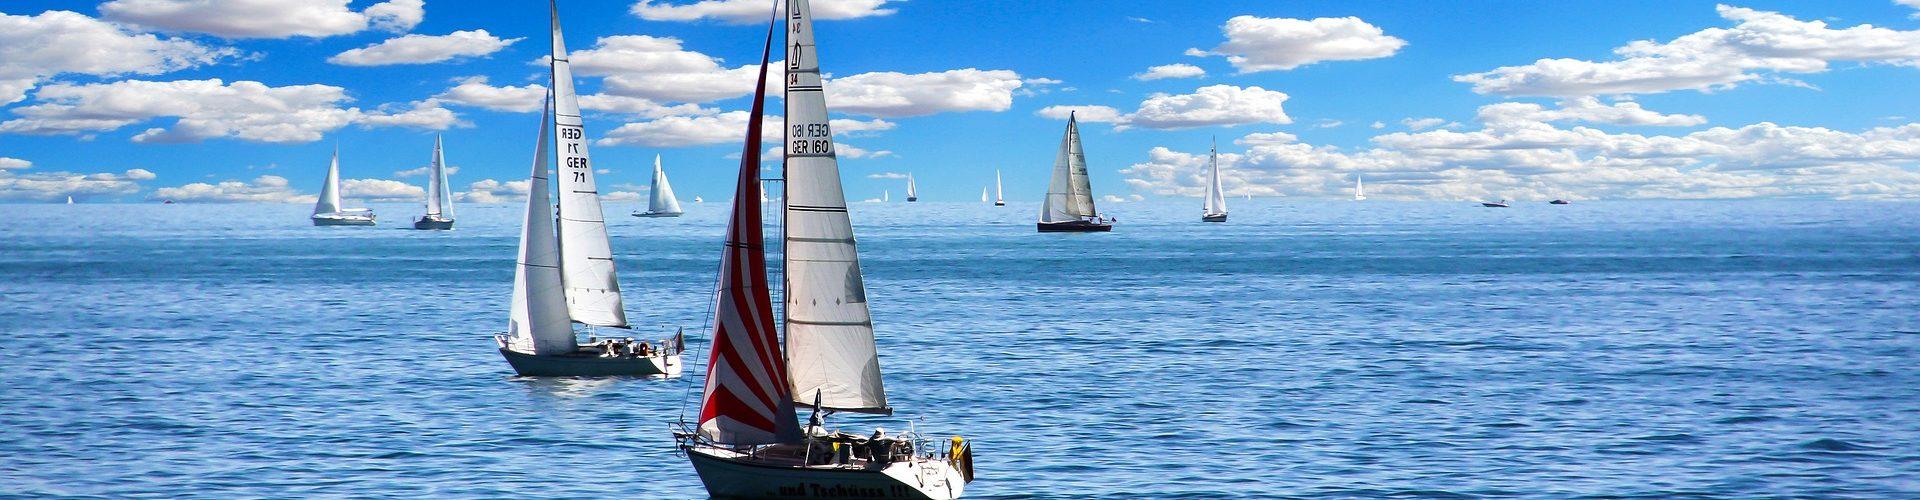 segeln lernen in Butjadingen segelschein machen in Butjadingen 1920x500 - Segeln lernen in Butjadingen